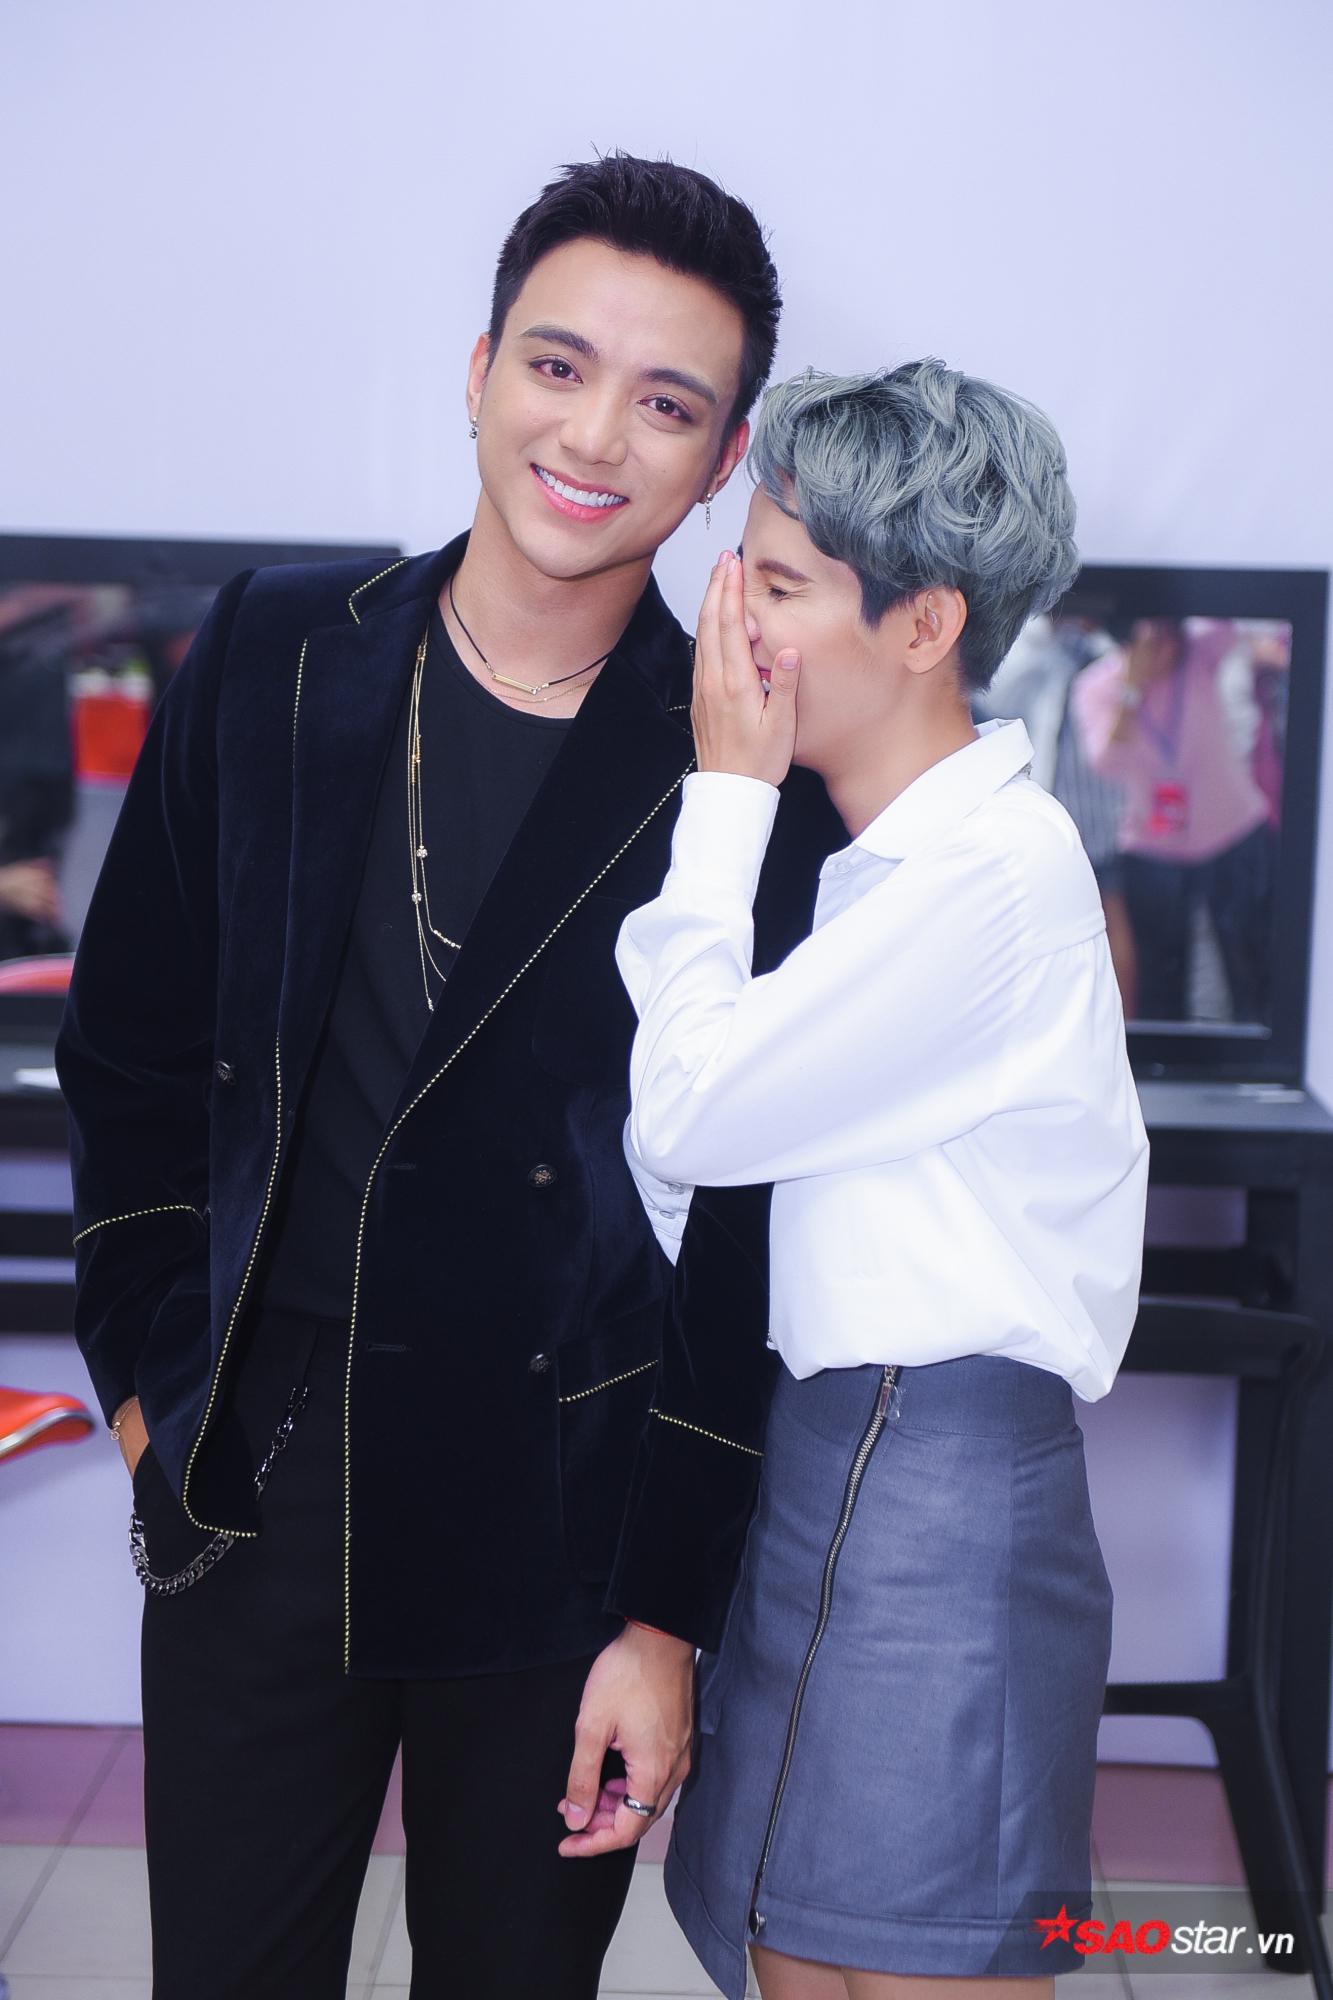 6 HLV và 3 chiếc ghế đôi của Giọng hát Việt nhí 2018: Team nào sẽ chiếm trọn spotlight? ảnh 7